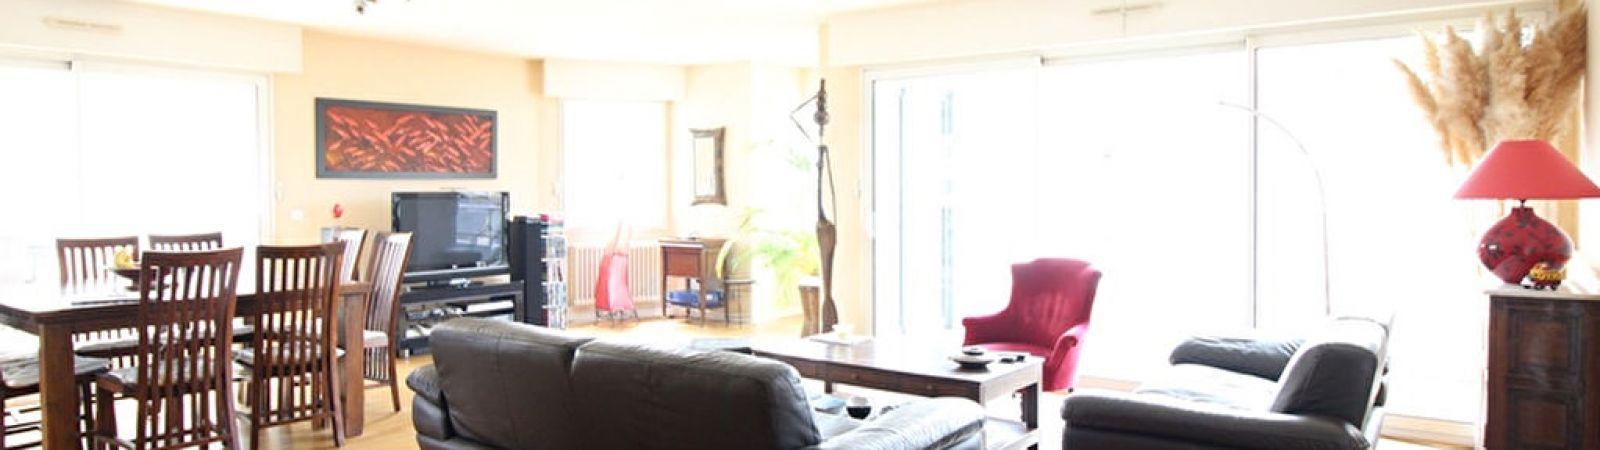 photo 5: Appartement 7 pièces CENTRE HISTORIQUE de RENNES